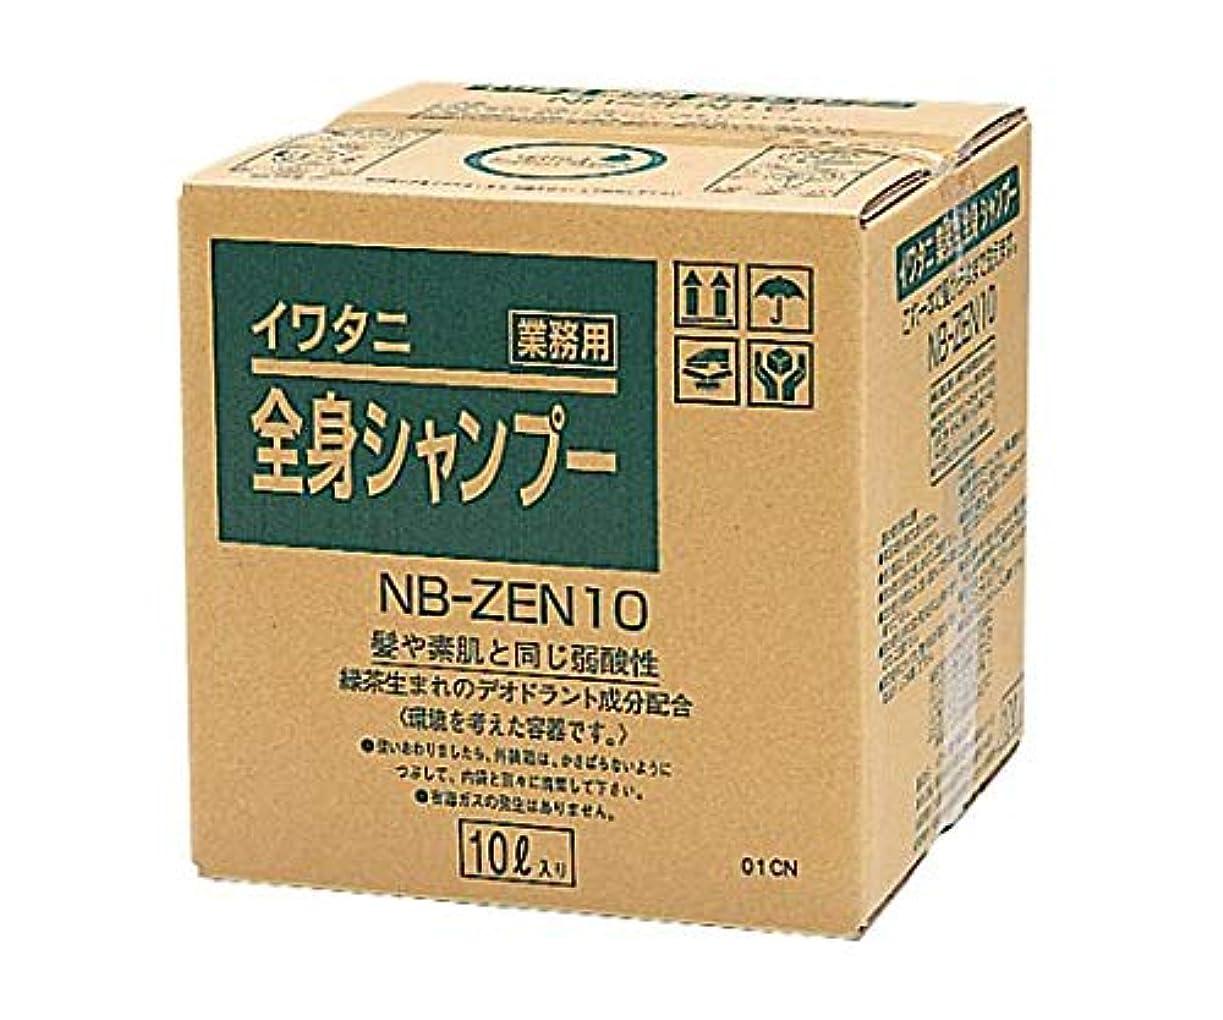 シート確率カスケードイワタニ理化 業務用全身シャンプー 10L NB-ZEN10